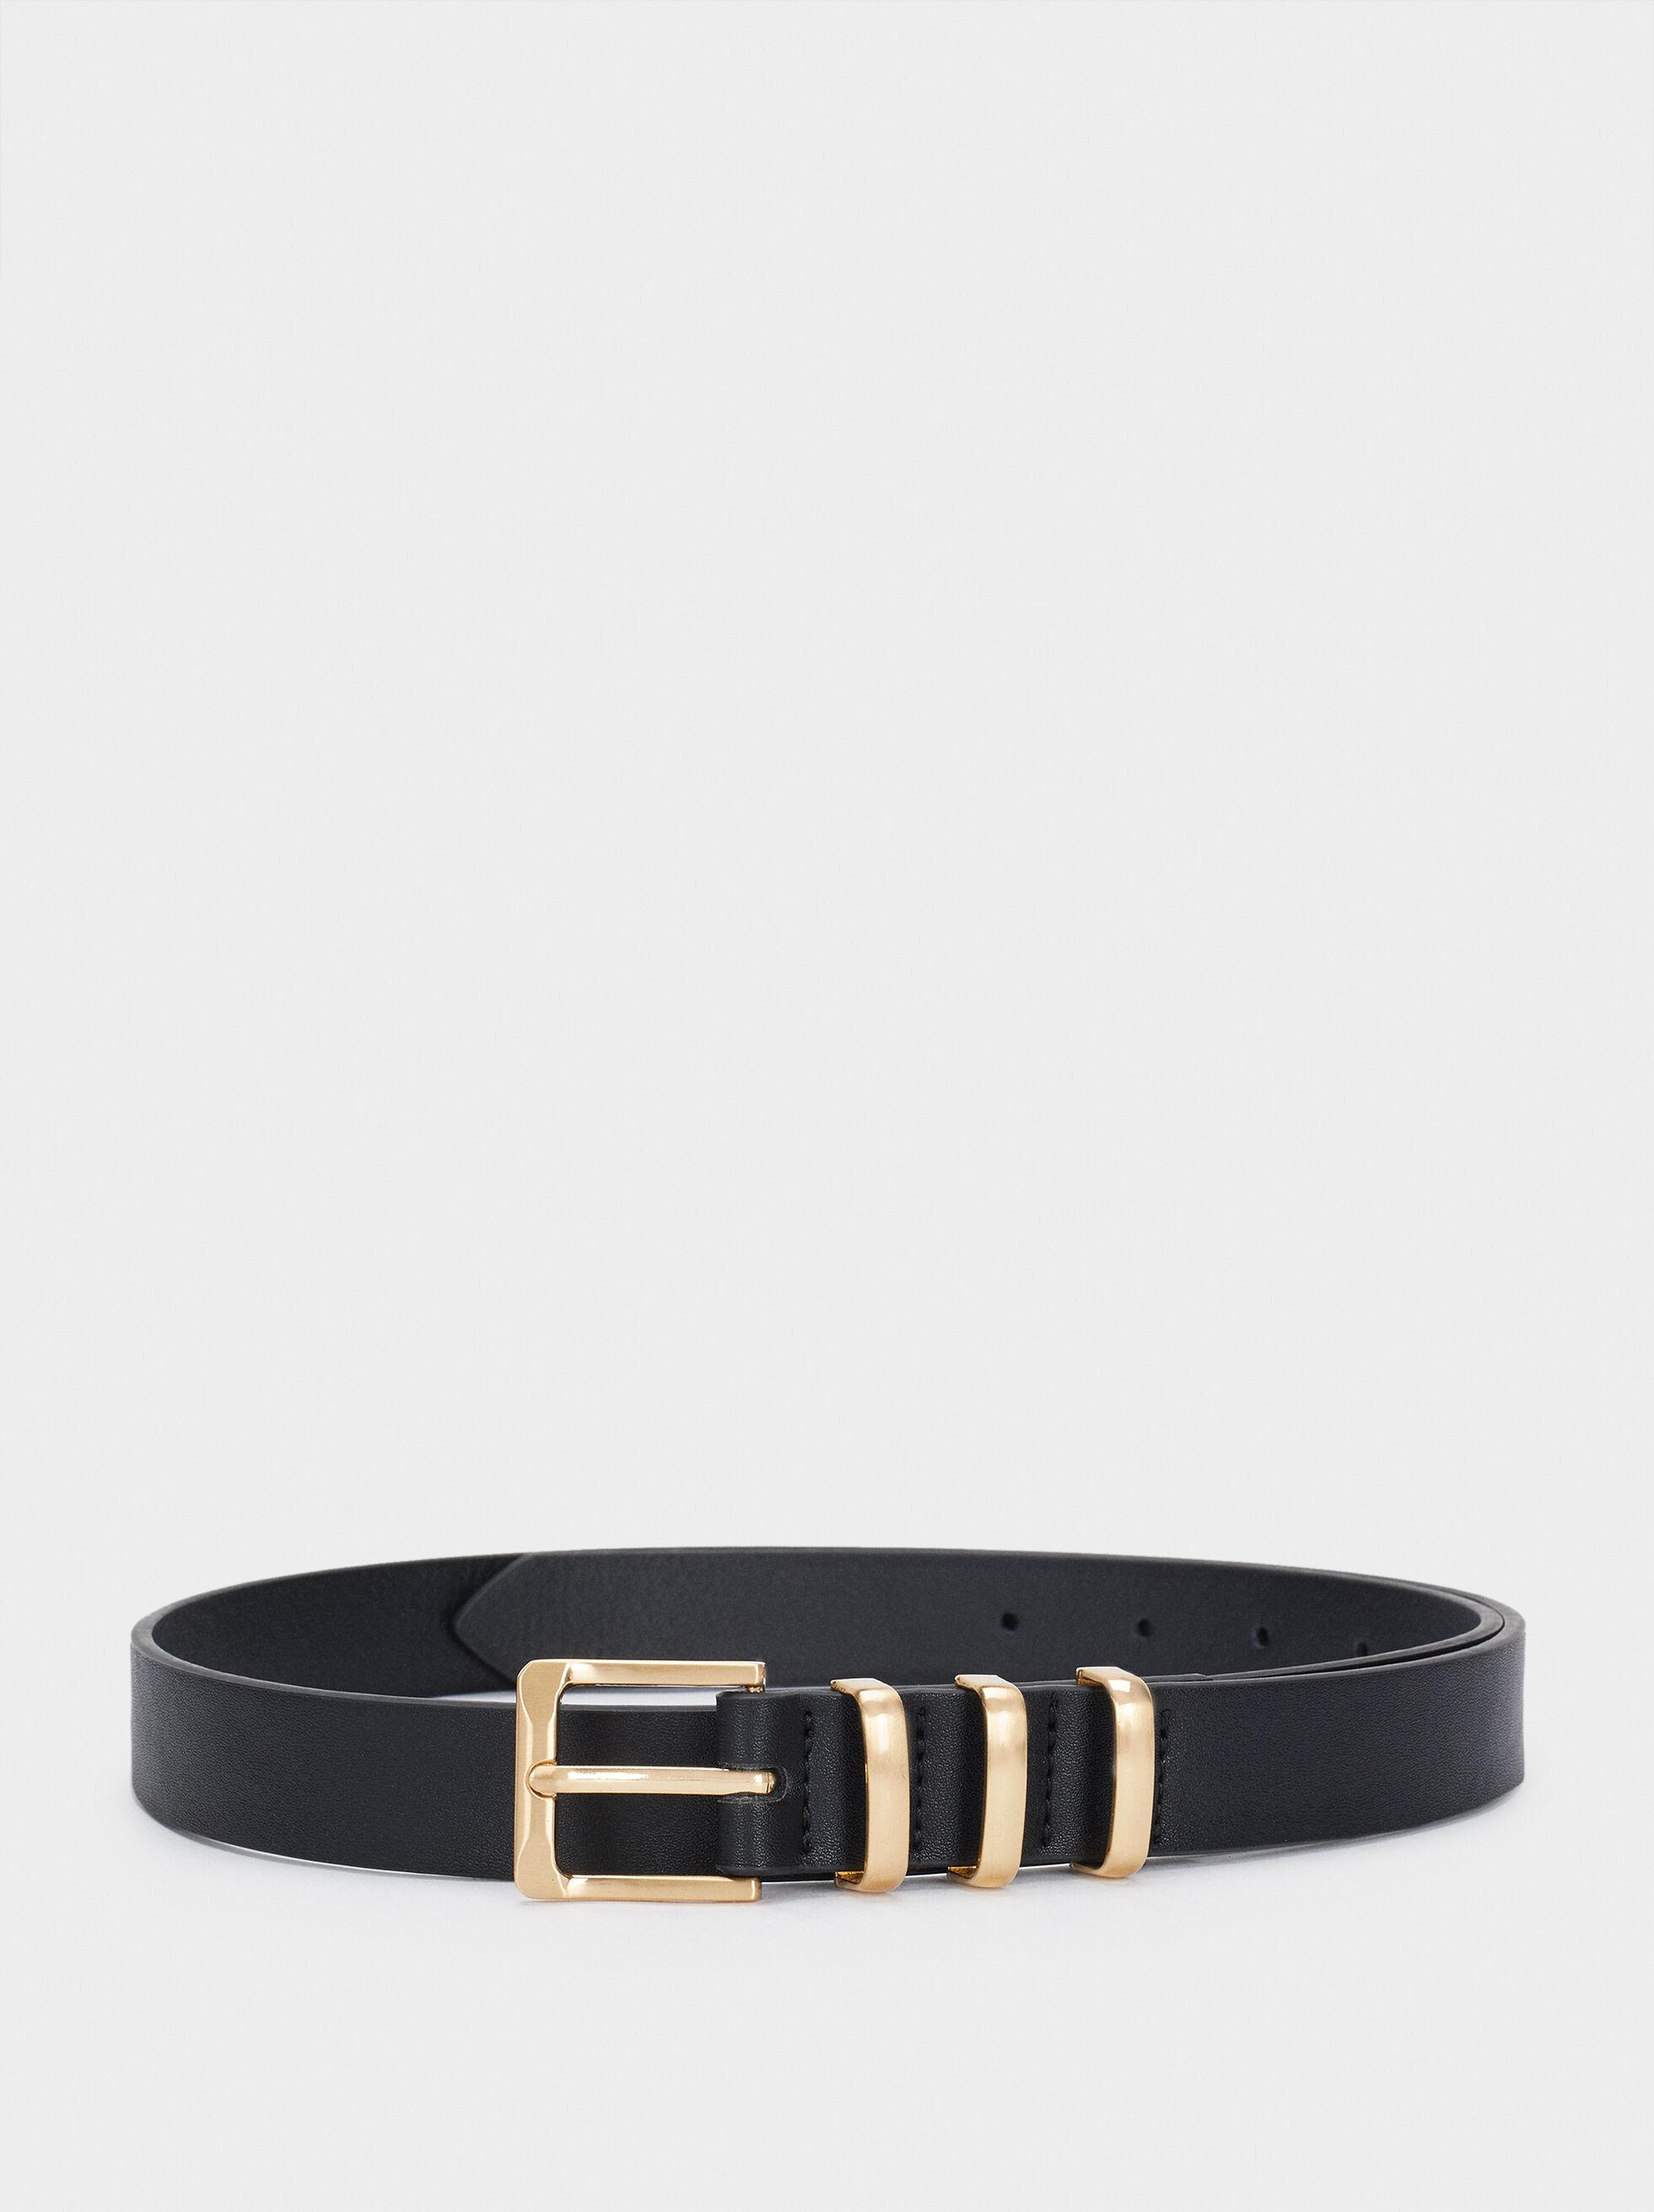 Belt With Gold Buckle, Black, hi-res